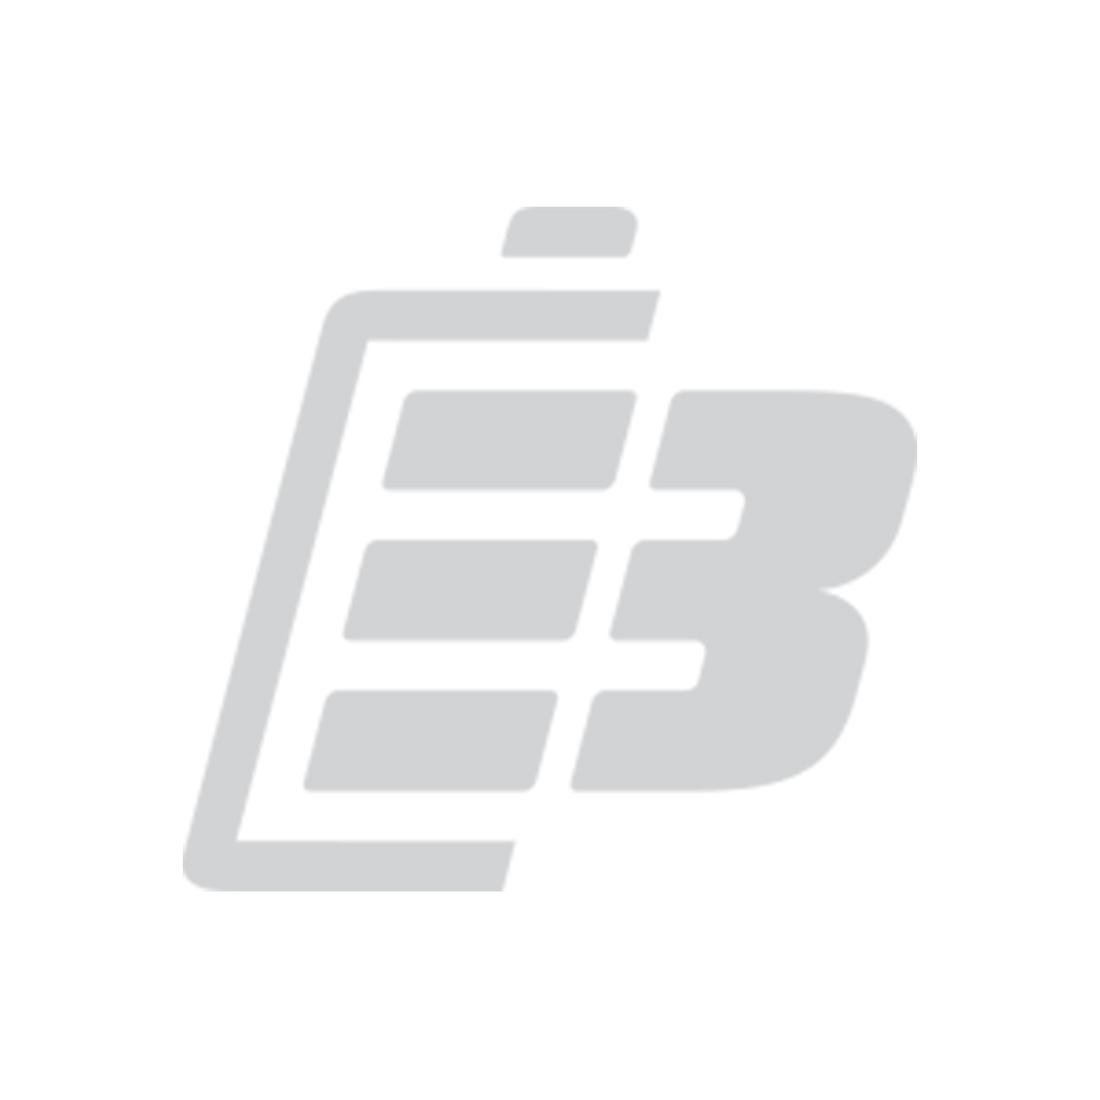 Μπαταρία Smartphone Lenovo S850_1